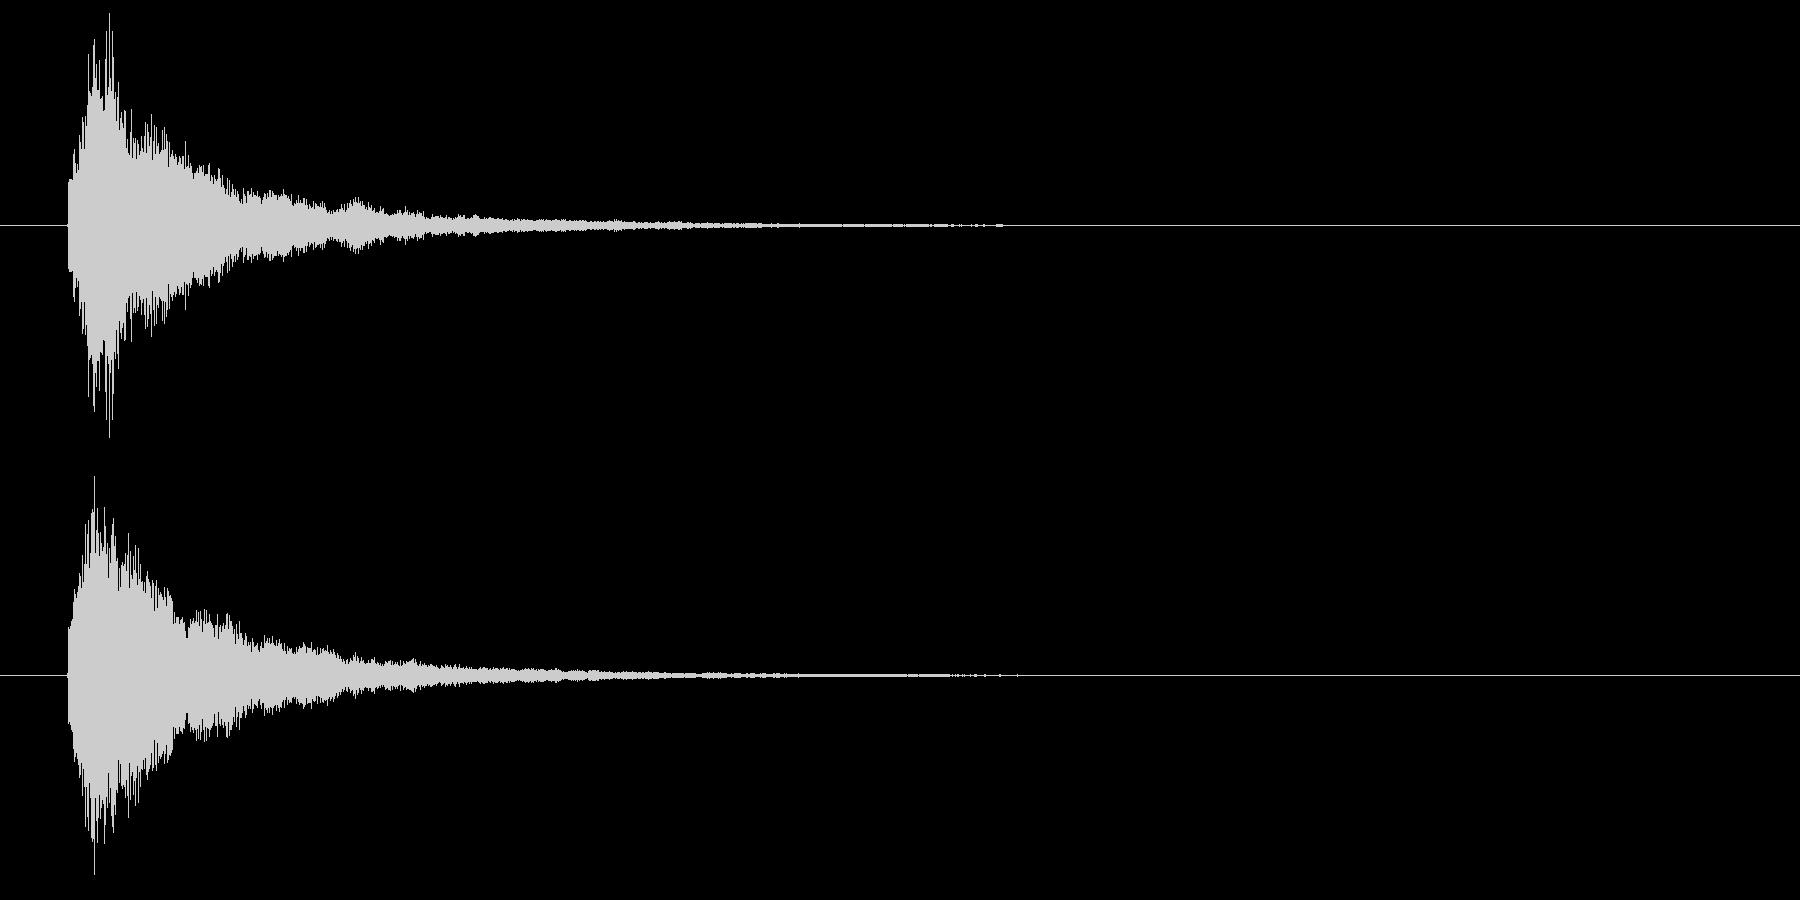 回復魔法の効果音1の未再生の波形